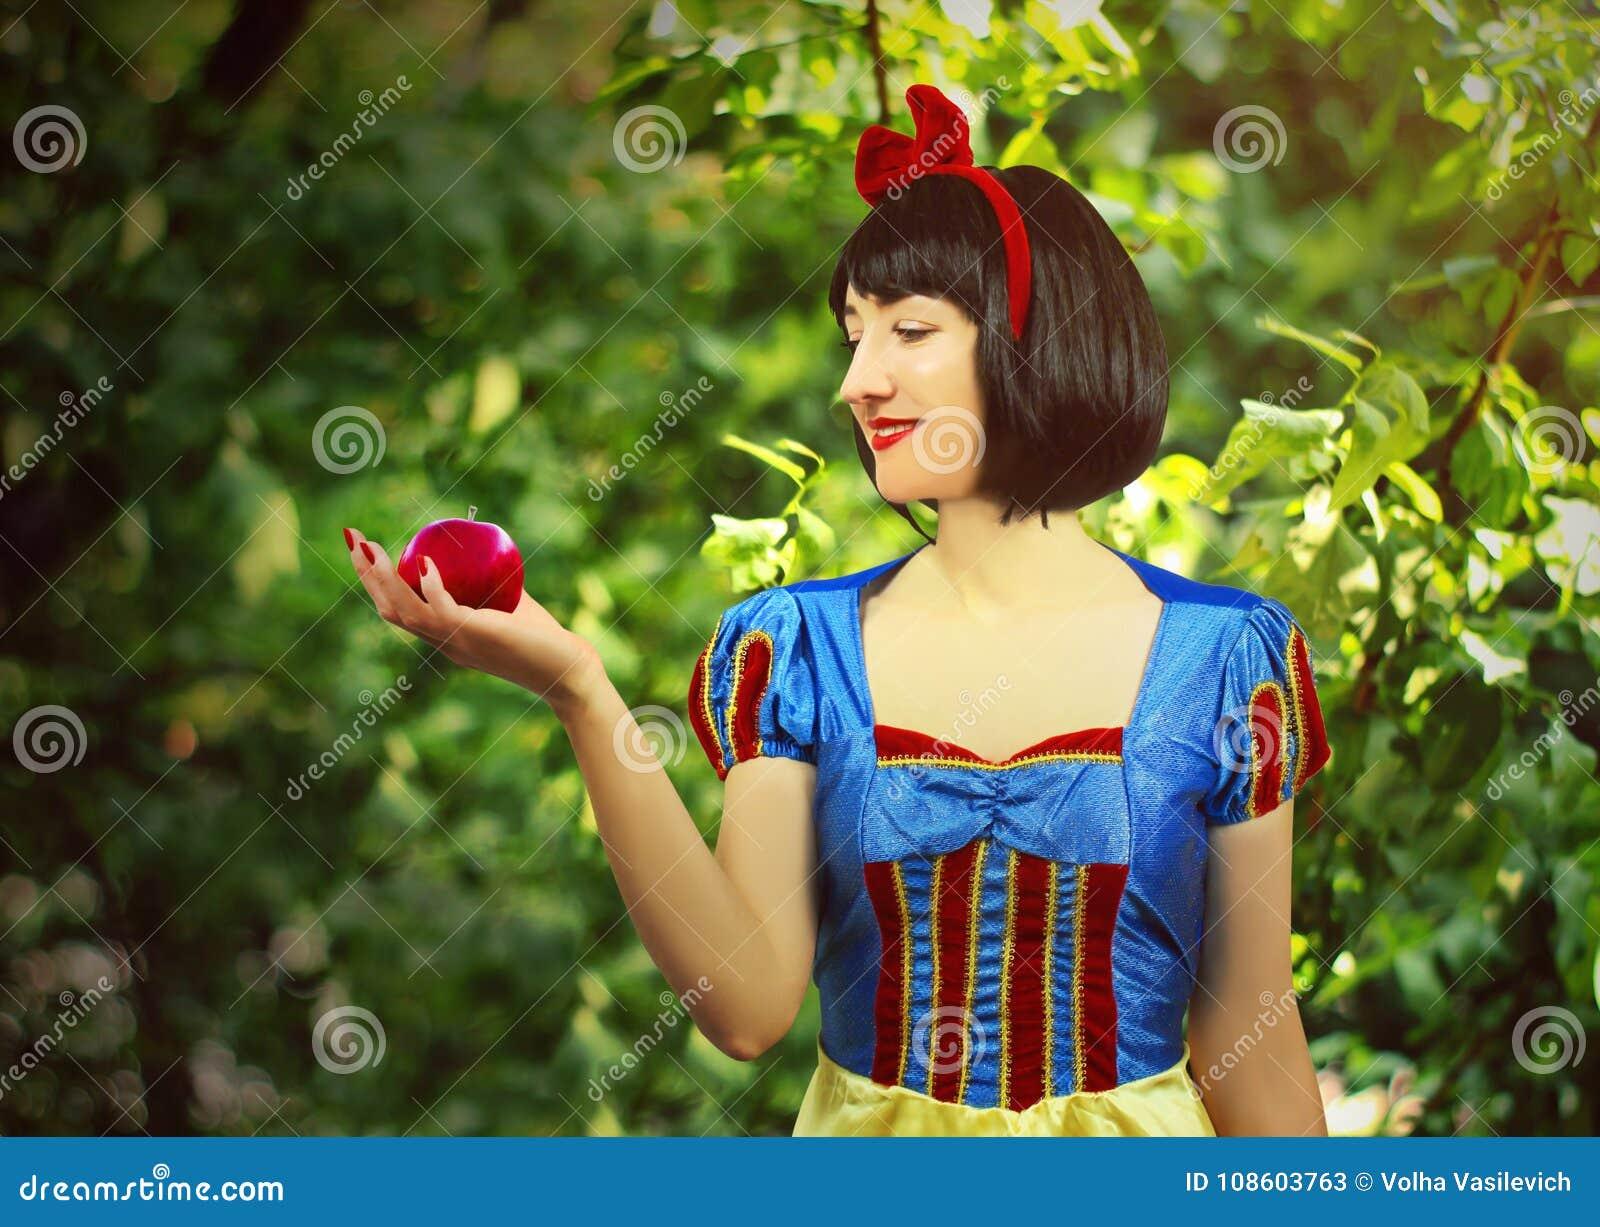 Il giovane bello primo piano bianco come la neve tiene una mela avvelenata rosso contro lo sfondo degli alberi nella foresta